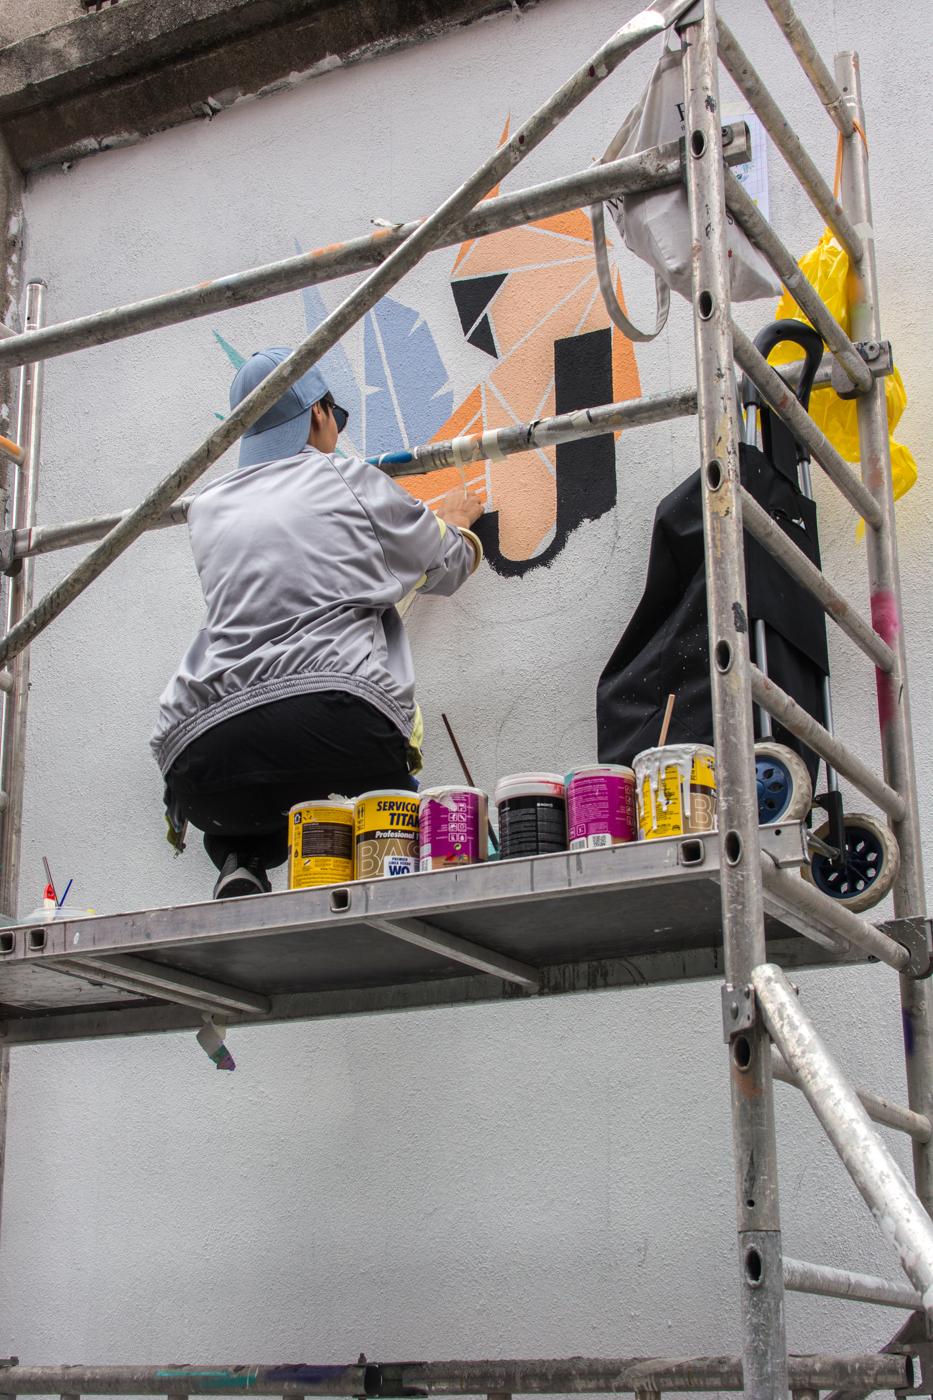 Nuriatoll - MurosTabacalera by Guillermo de la Madrid - Madrid Street Art Project -03.jpg